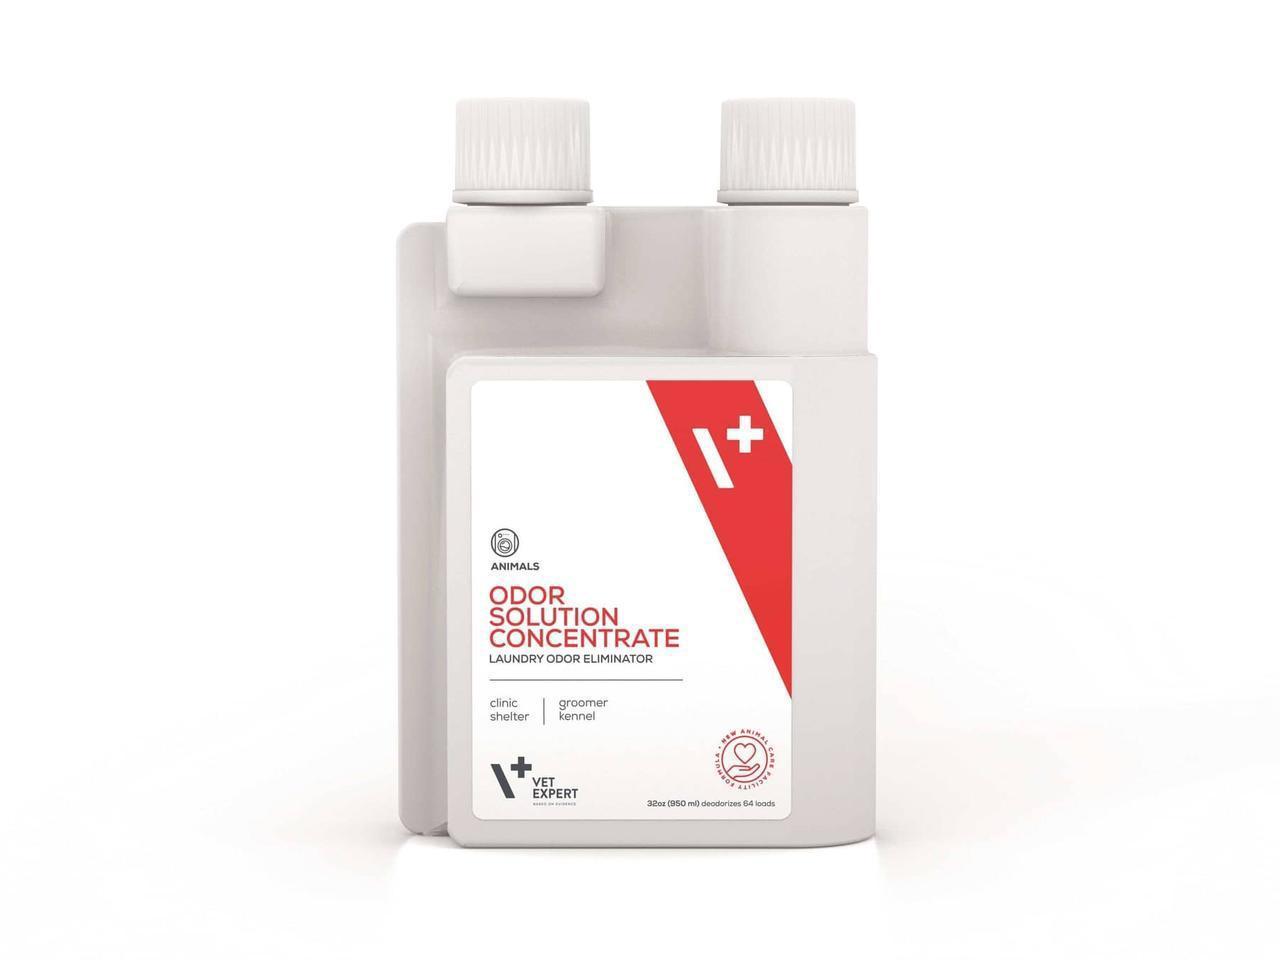 Уничтожитель неприятных запахов при стирке 950мл VetExpert